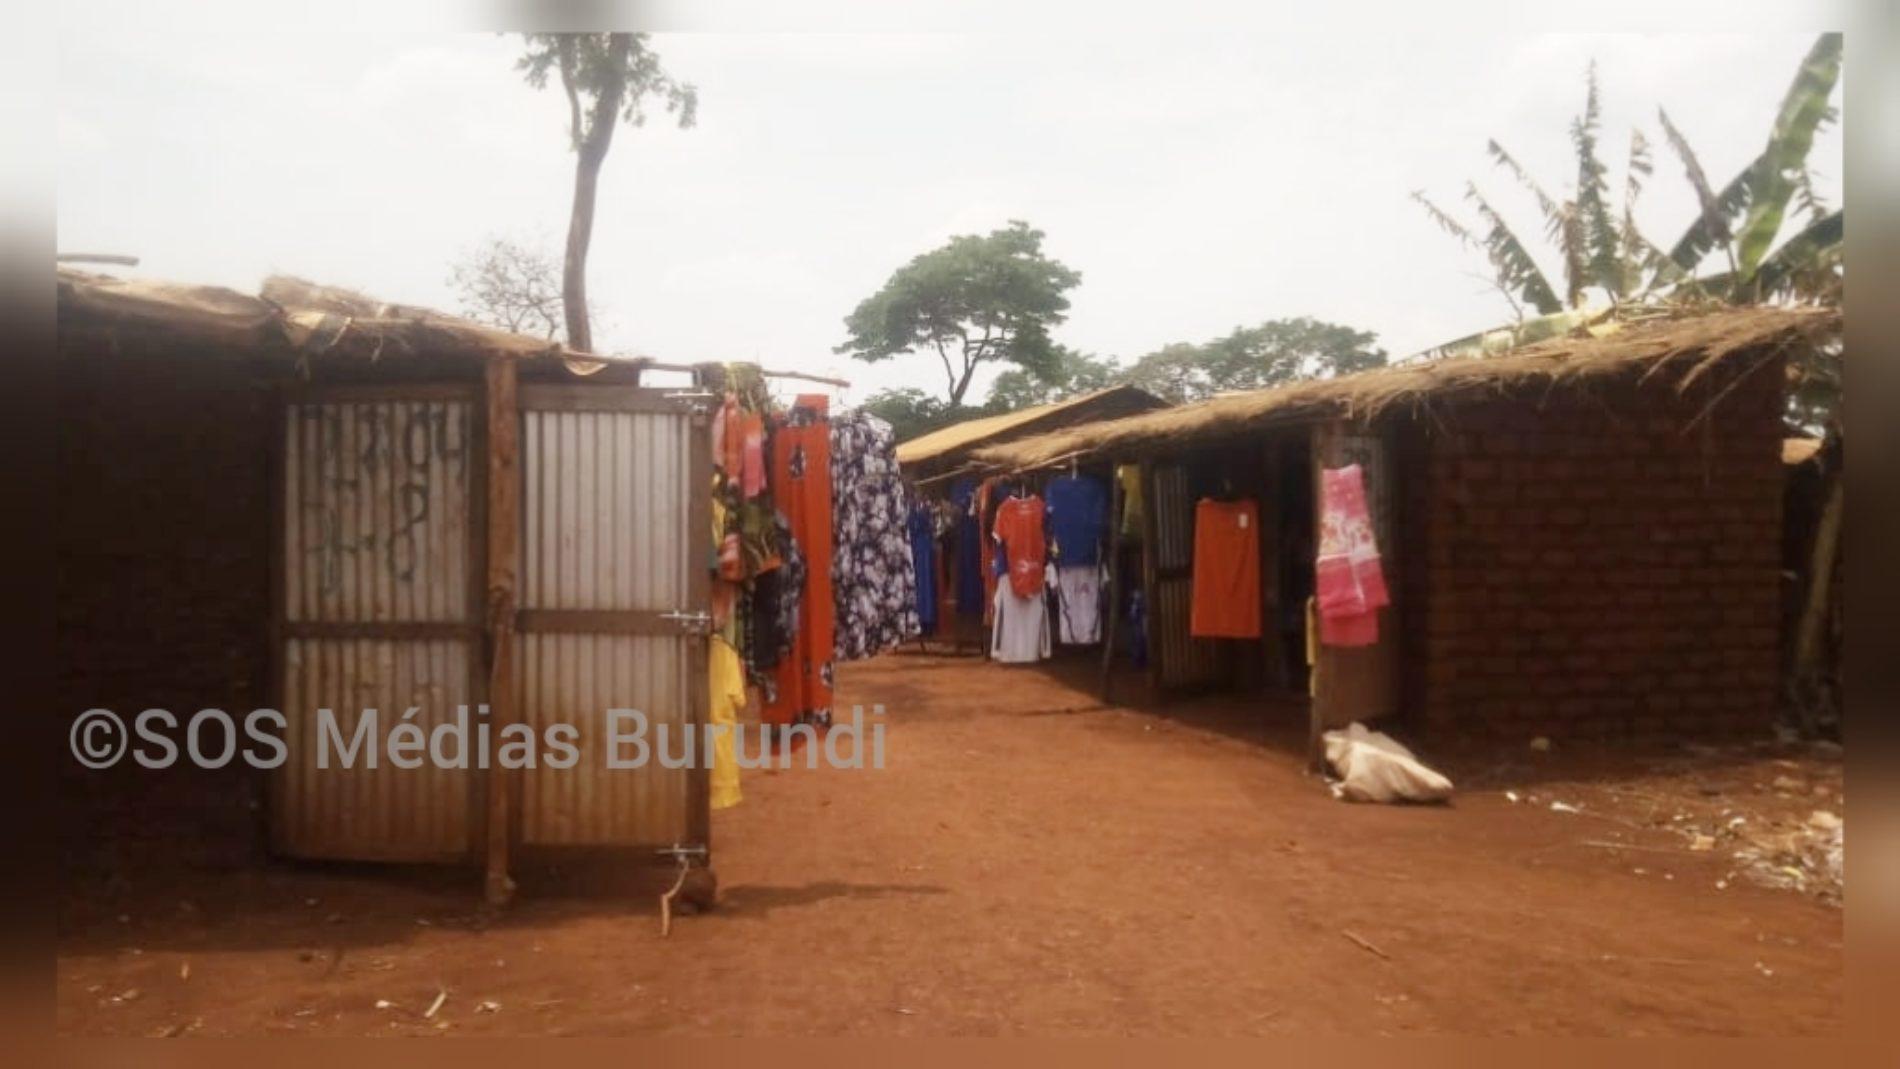 Nyarugusu (Tanzanie) : le commerce a repris timidement dans le camp des réfugiés